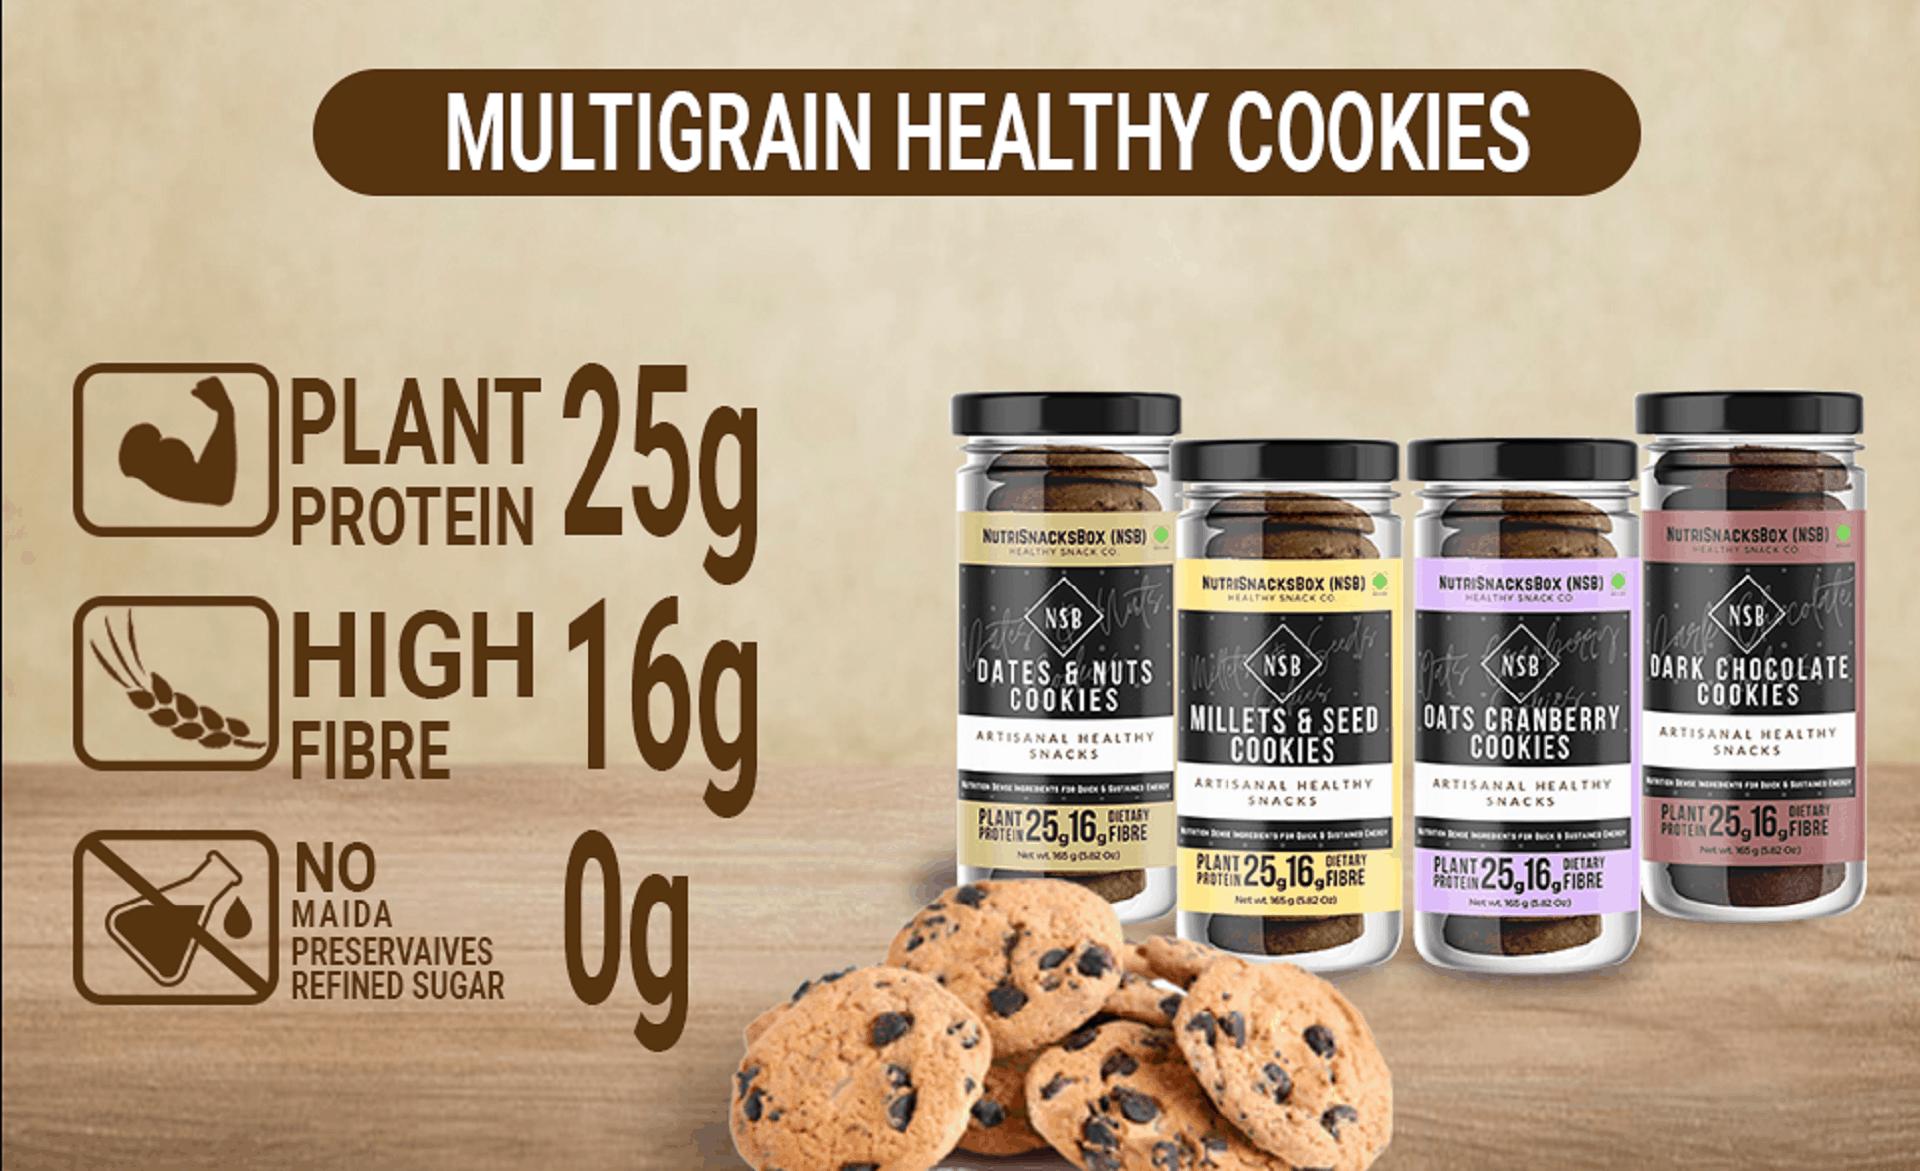 nutrisnacksbox vegan cookies